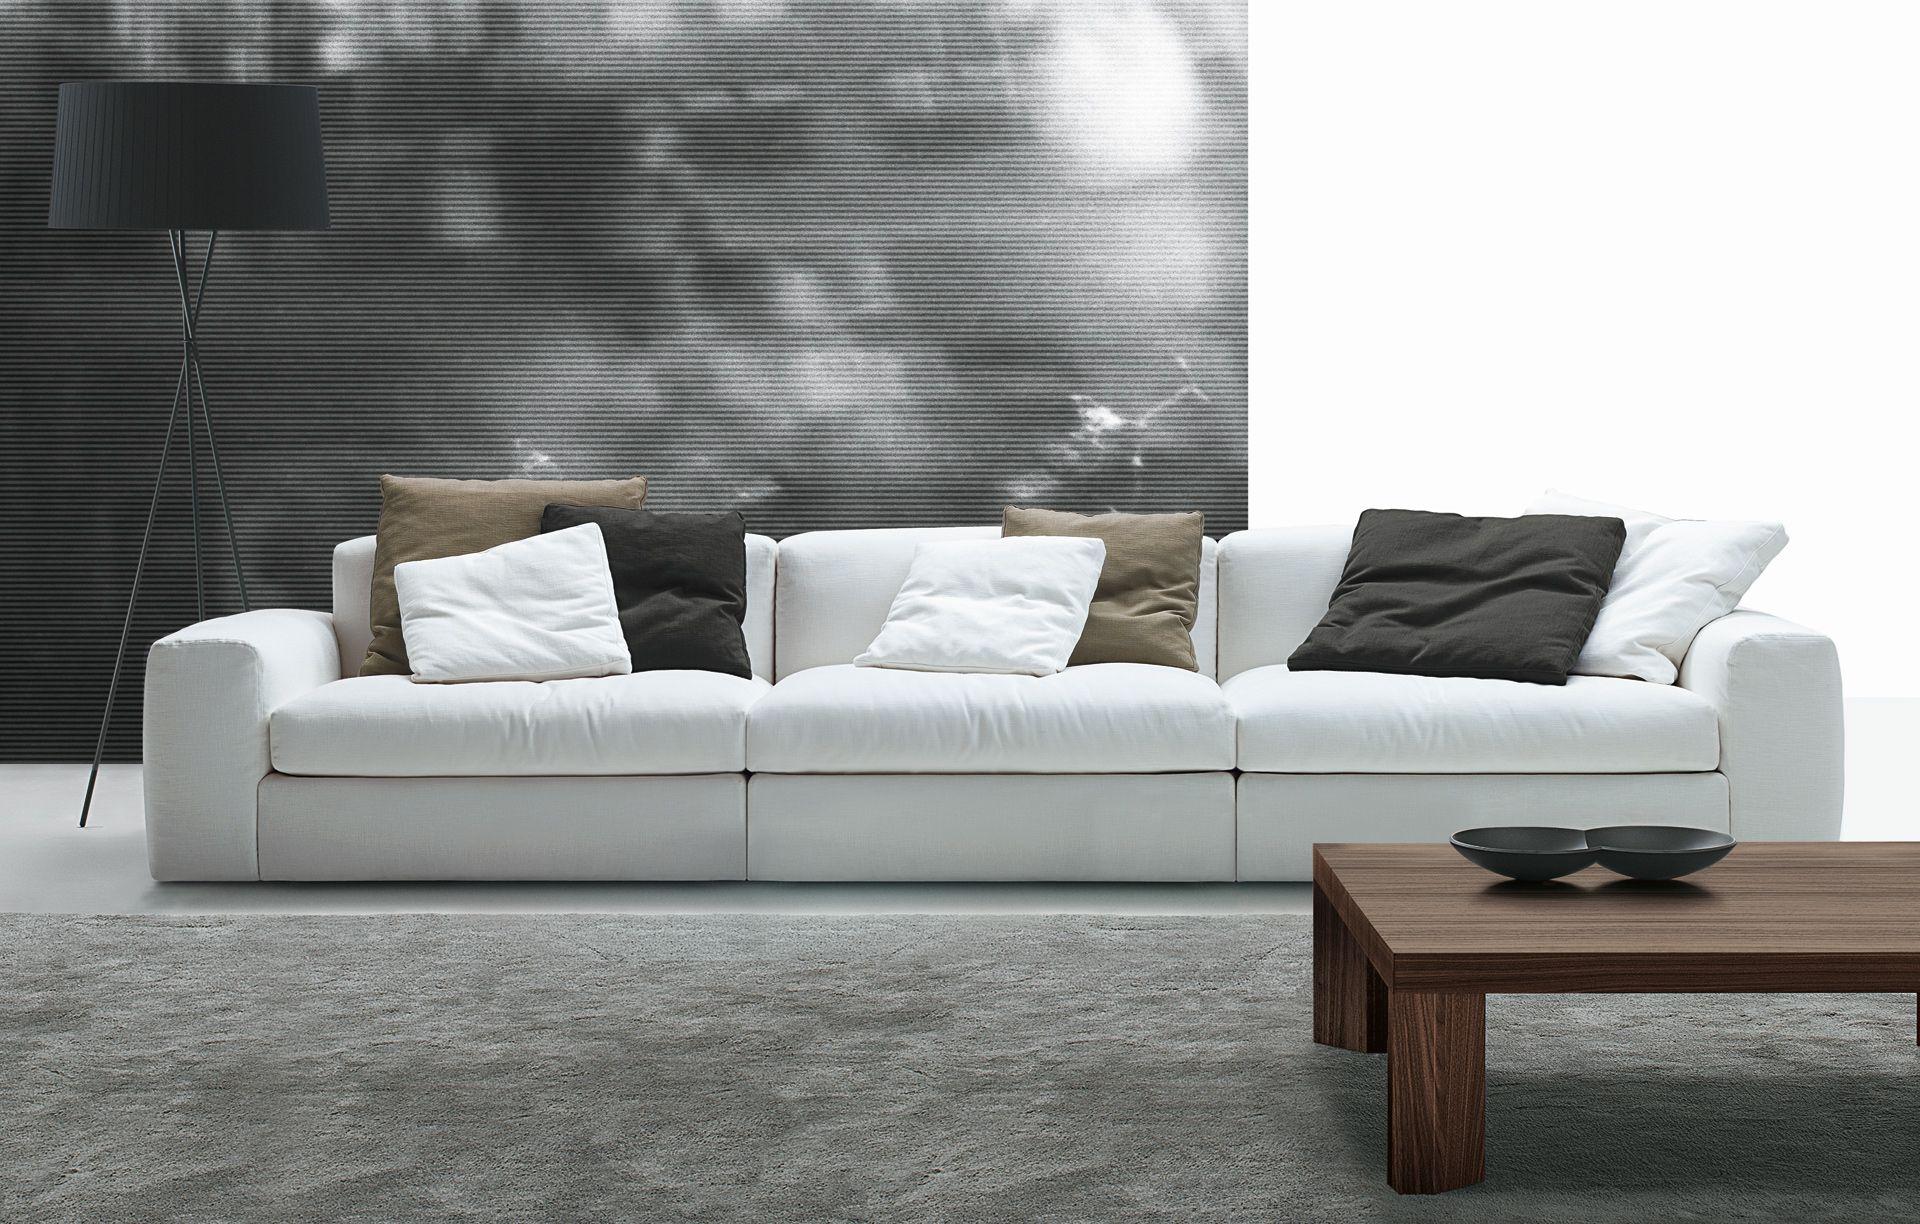 Great Vier Oder Mehrsitzer Sofas: Sofa Dune Von Poliform Home Design Ideas